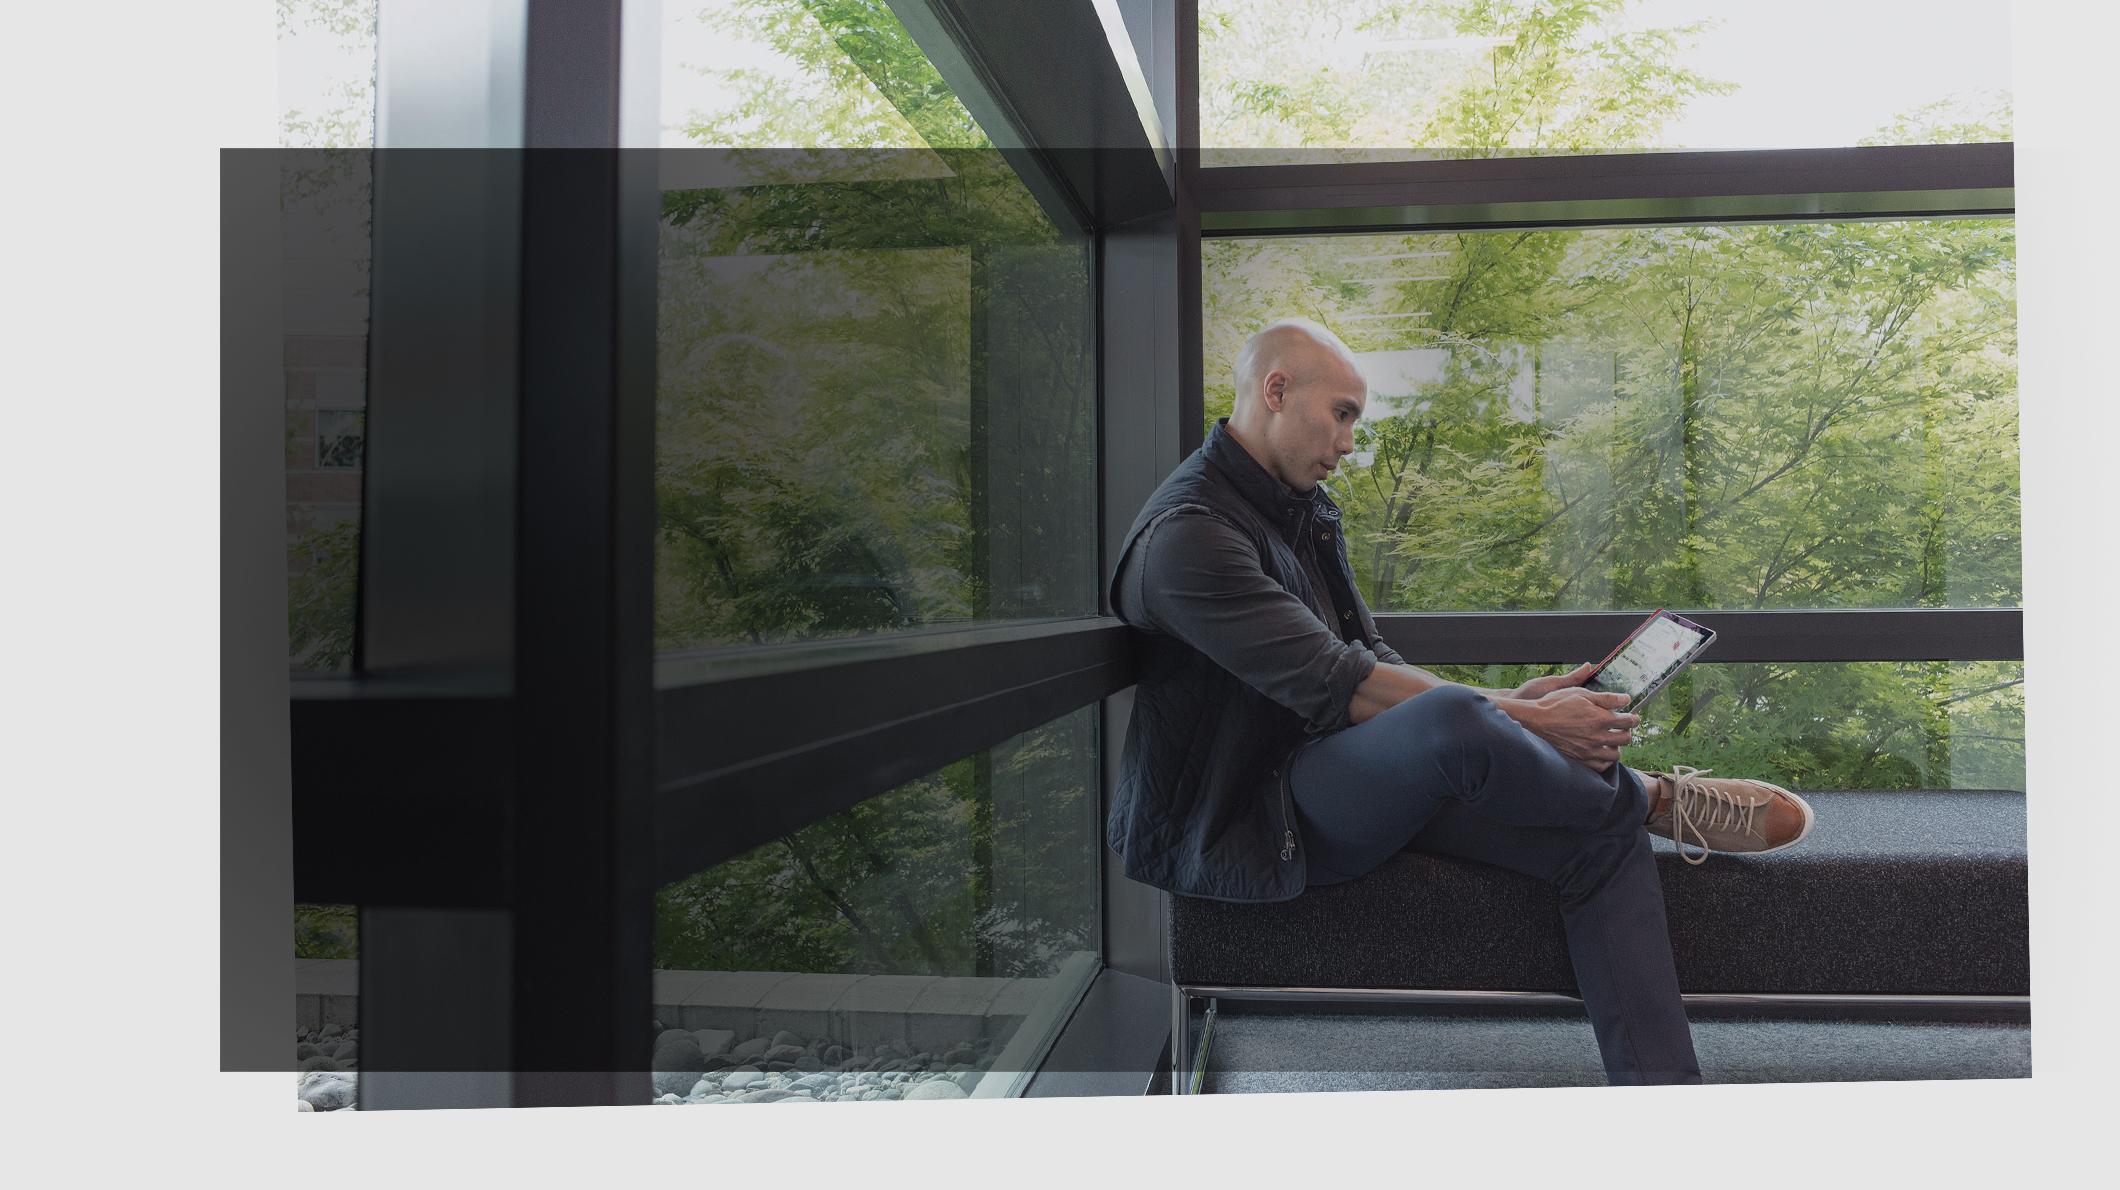 Мужчина смотрит на планшет, сидя на скамье